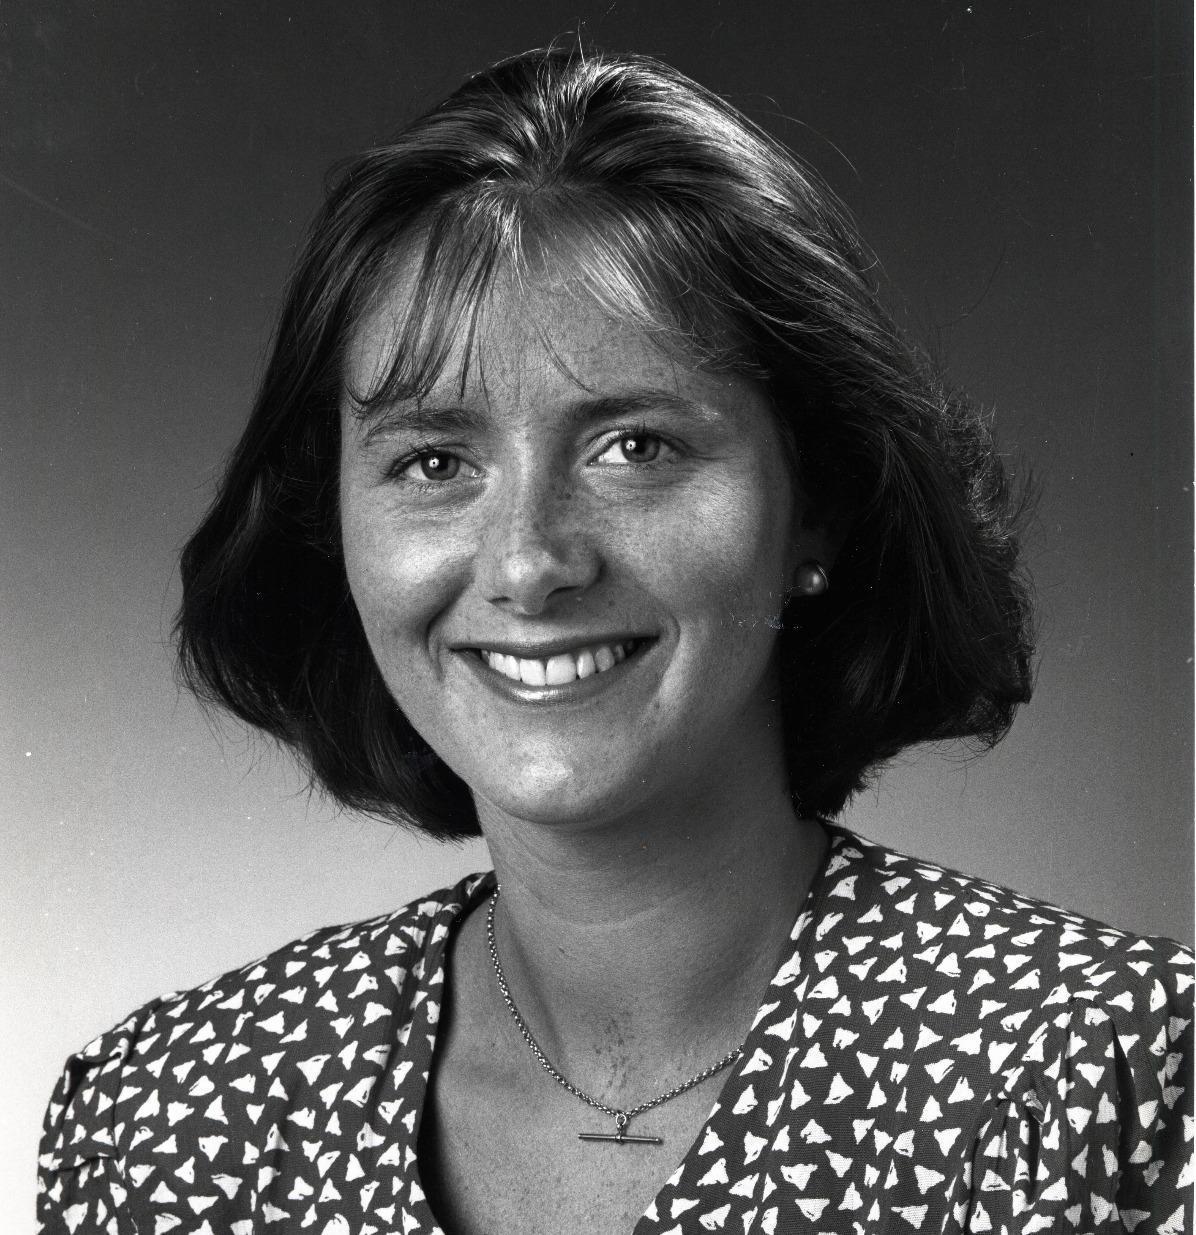 1991 Cork - Denise Murphy